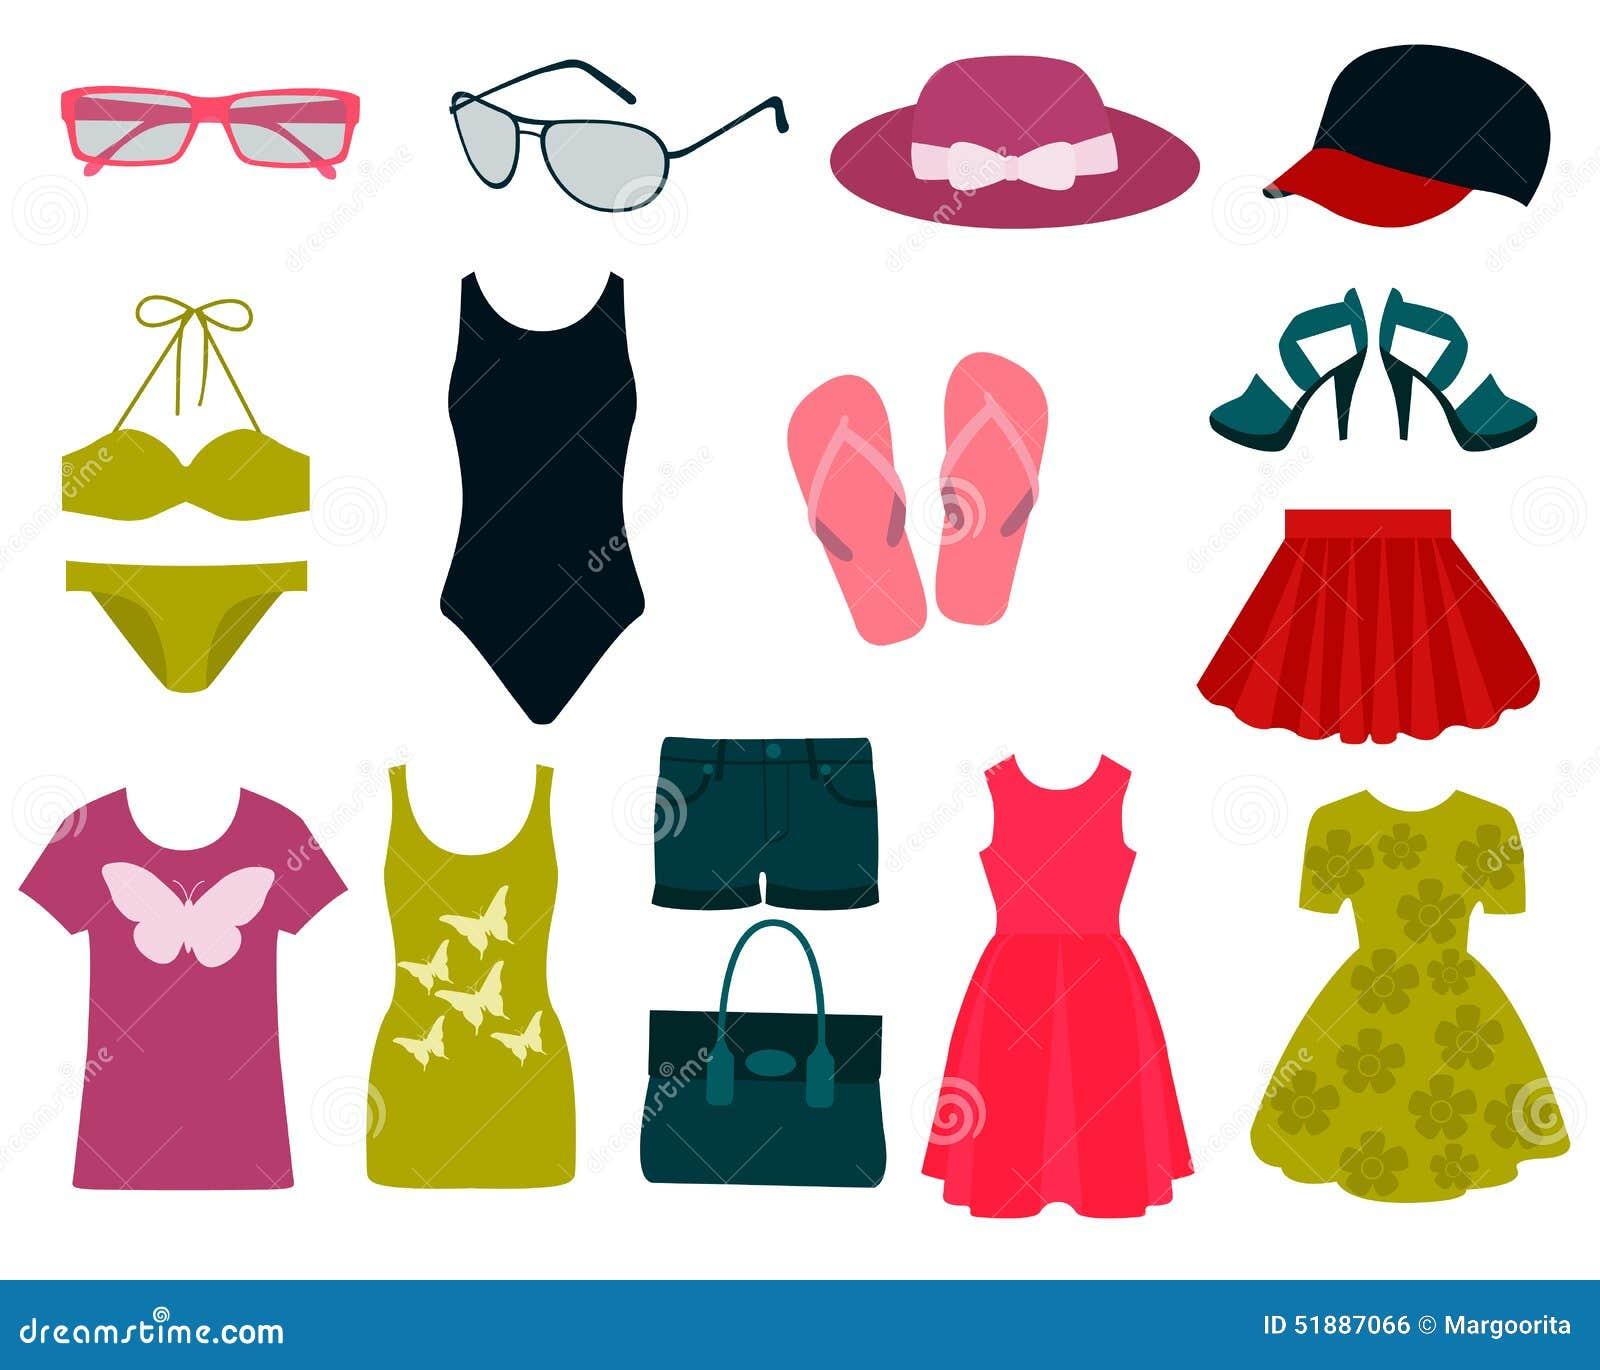 Fashion contest 2017 - Satz Sommerkleidung Vektor Abbildung Bild 51887066